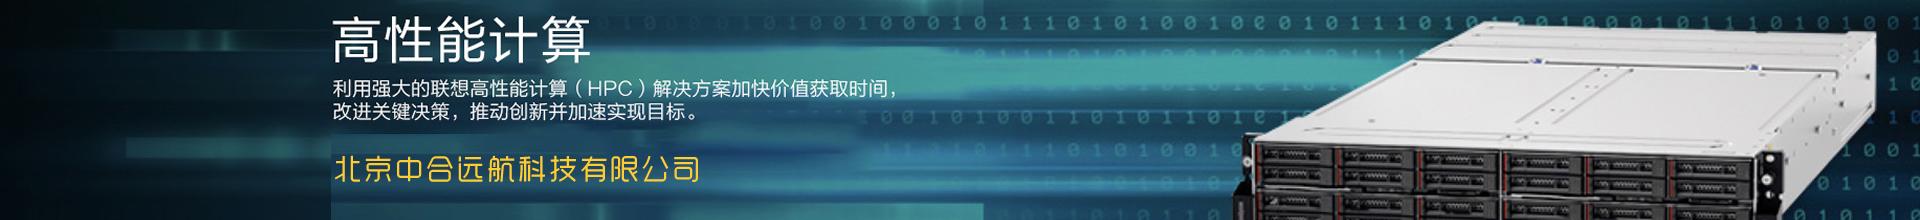 联想服务器